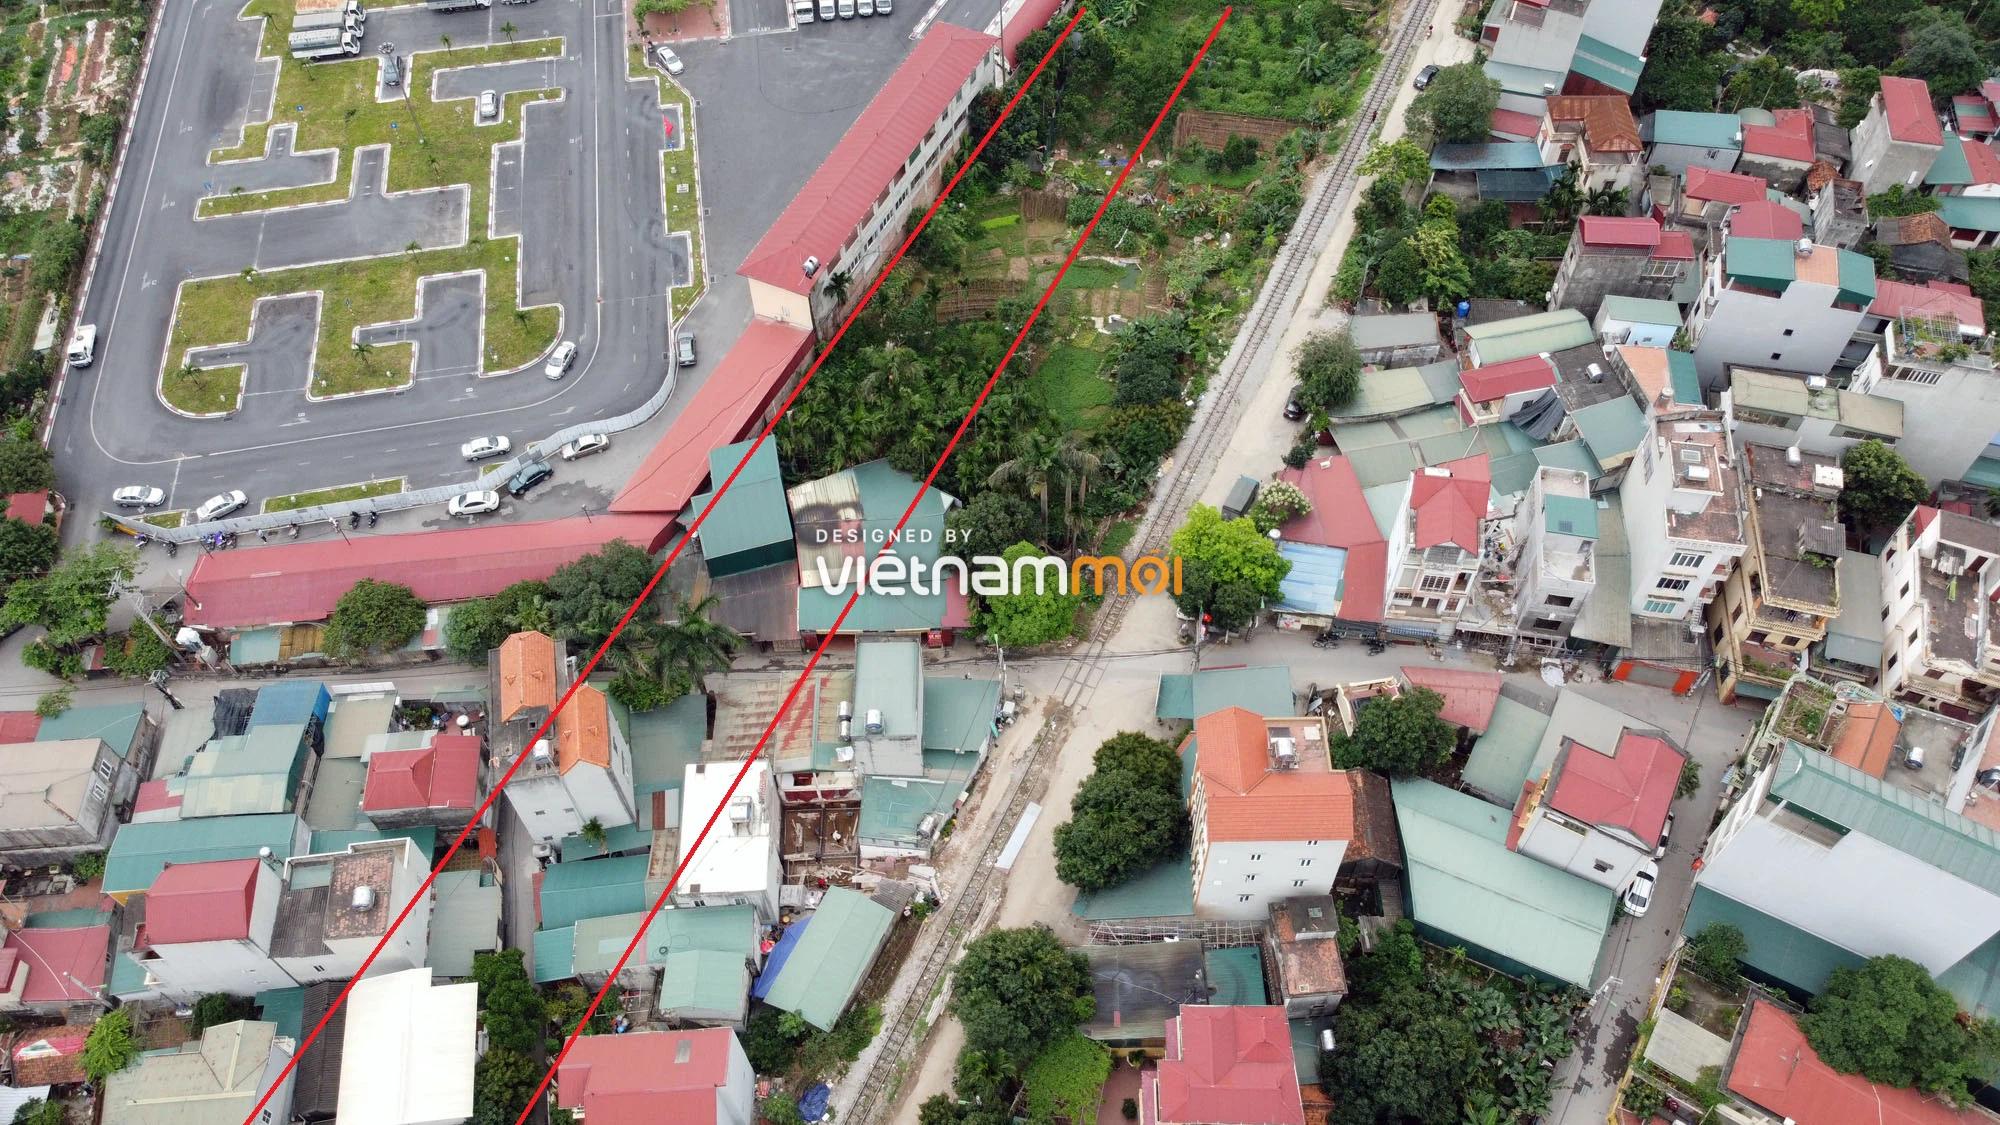 Những khu đất sắp thu hồi để mở đường ở phường Tây Mỗ, Nam Từ Liêm, Hà Nội (phần 4) - Ảnh 9.